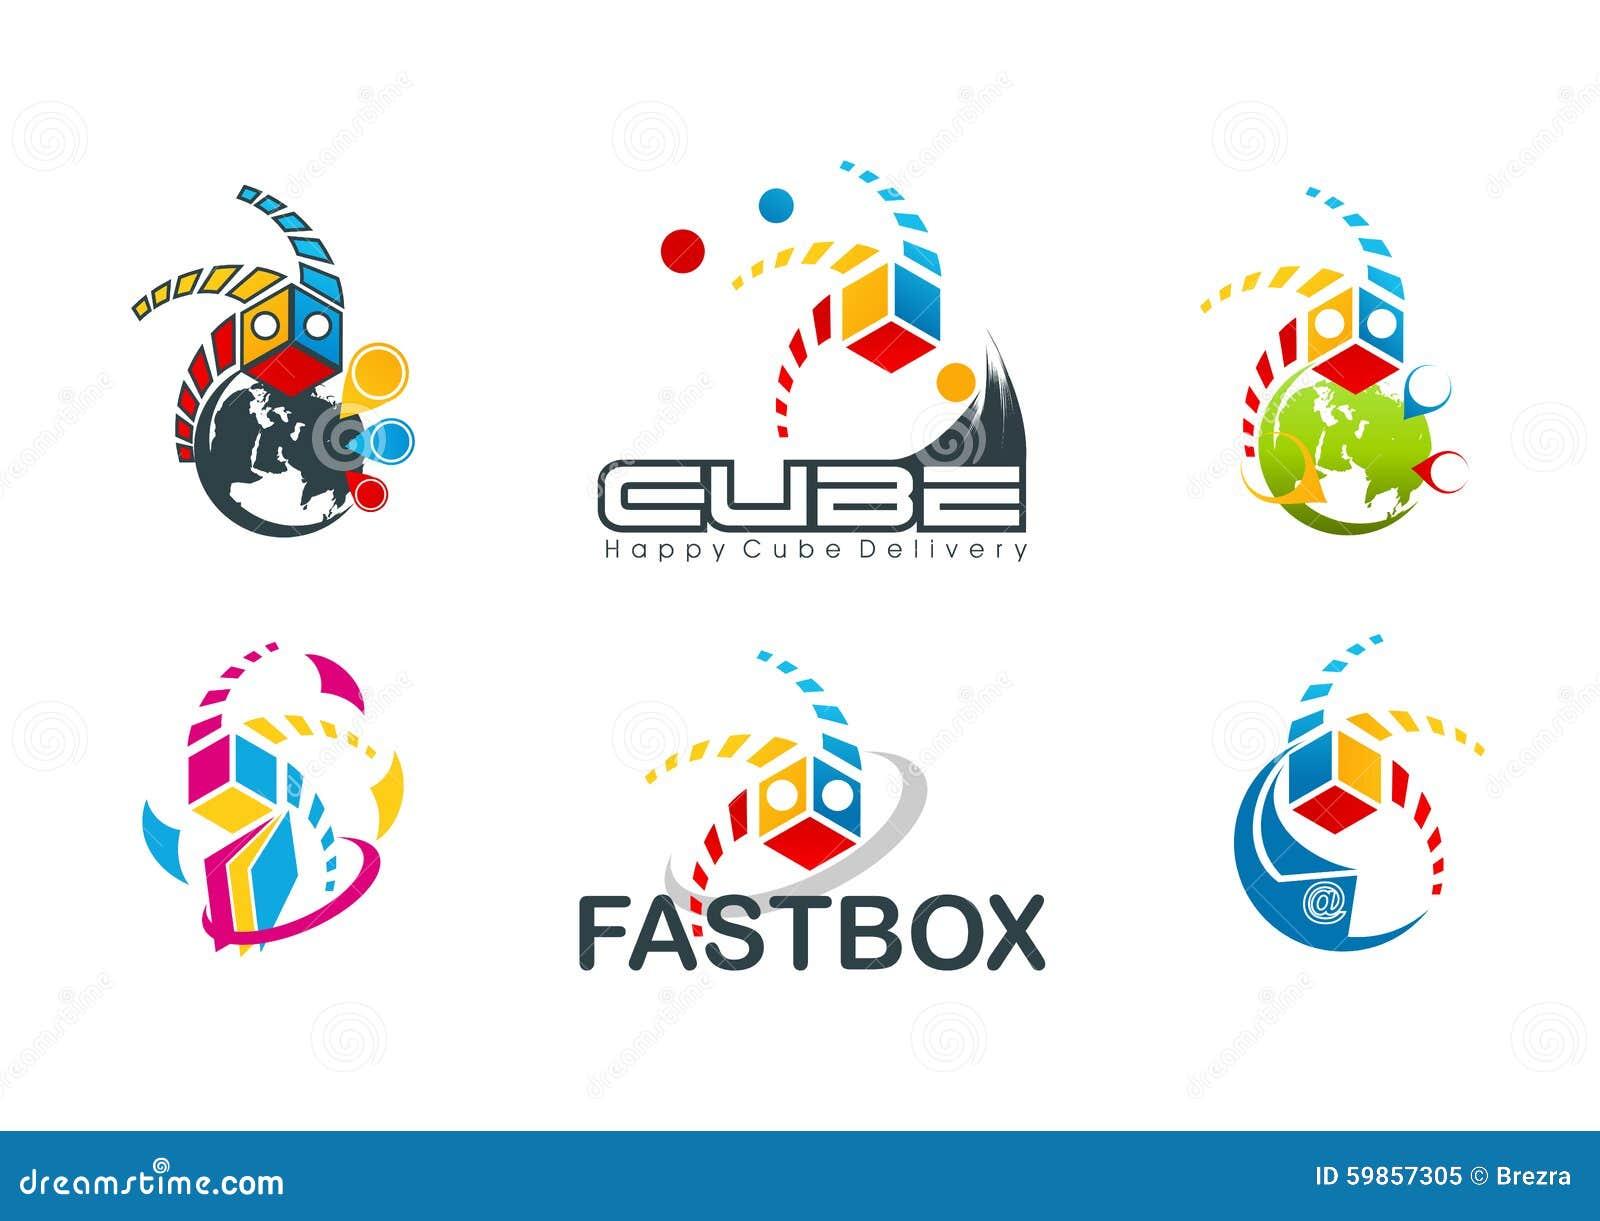 活跃立方体商标,速度箱子标志,快速的目的地构思设计